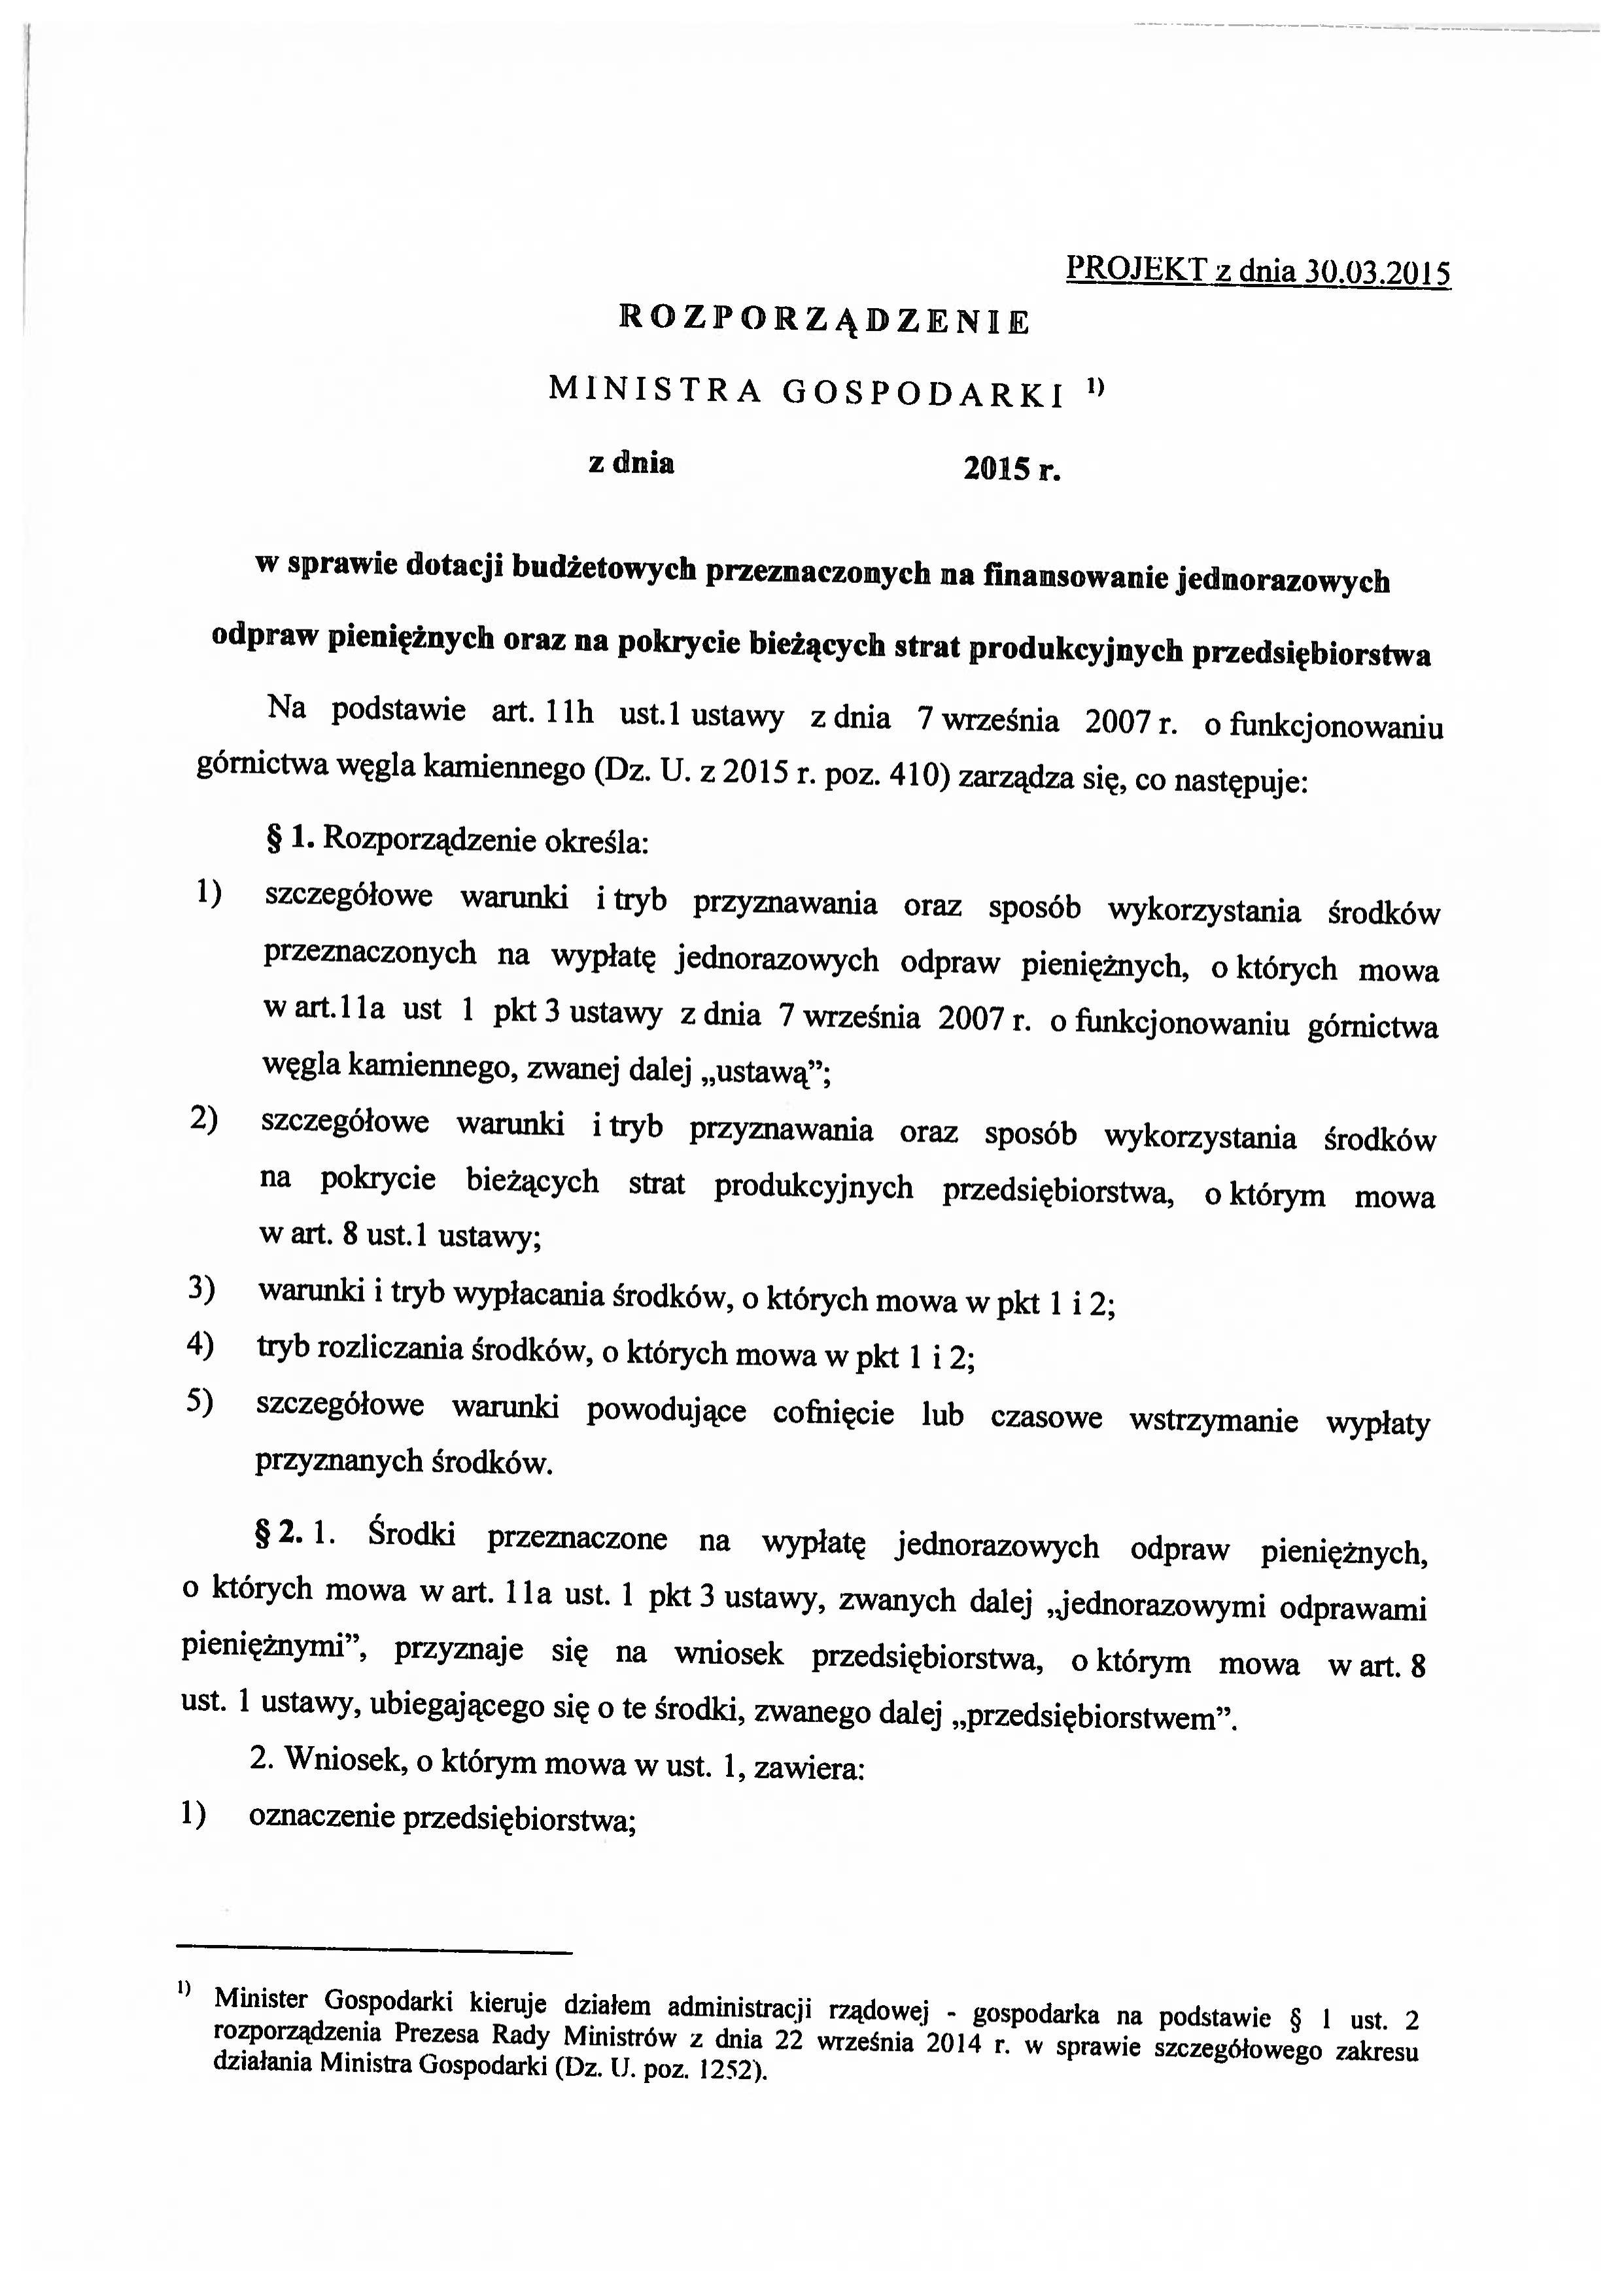 Roz-odpr-30-03-2015-dokument157156_01